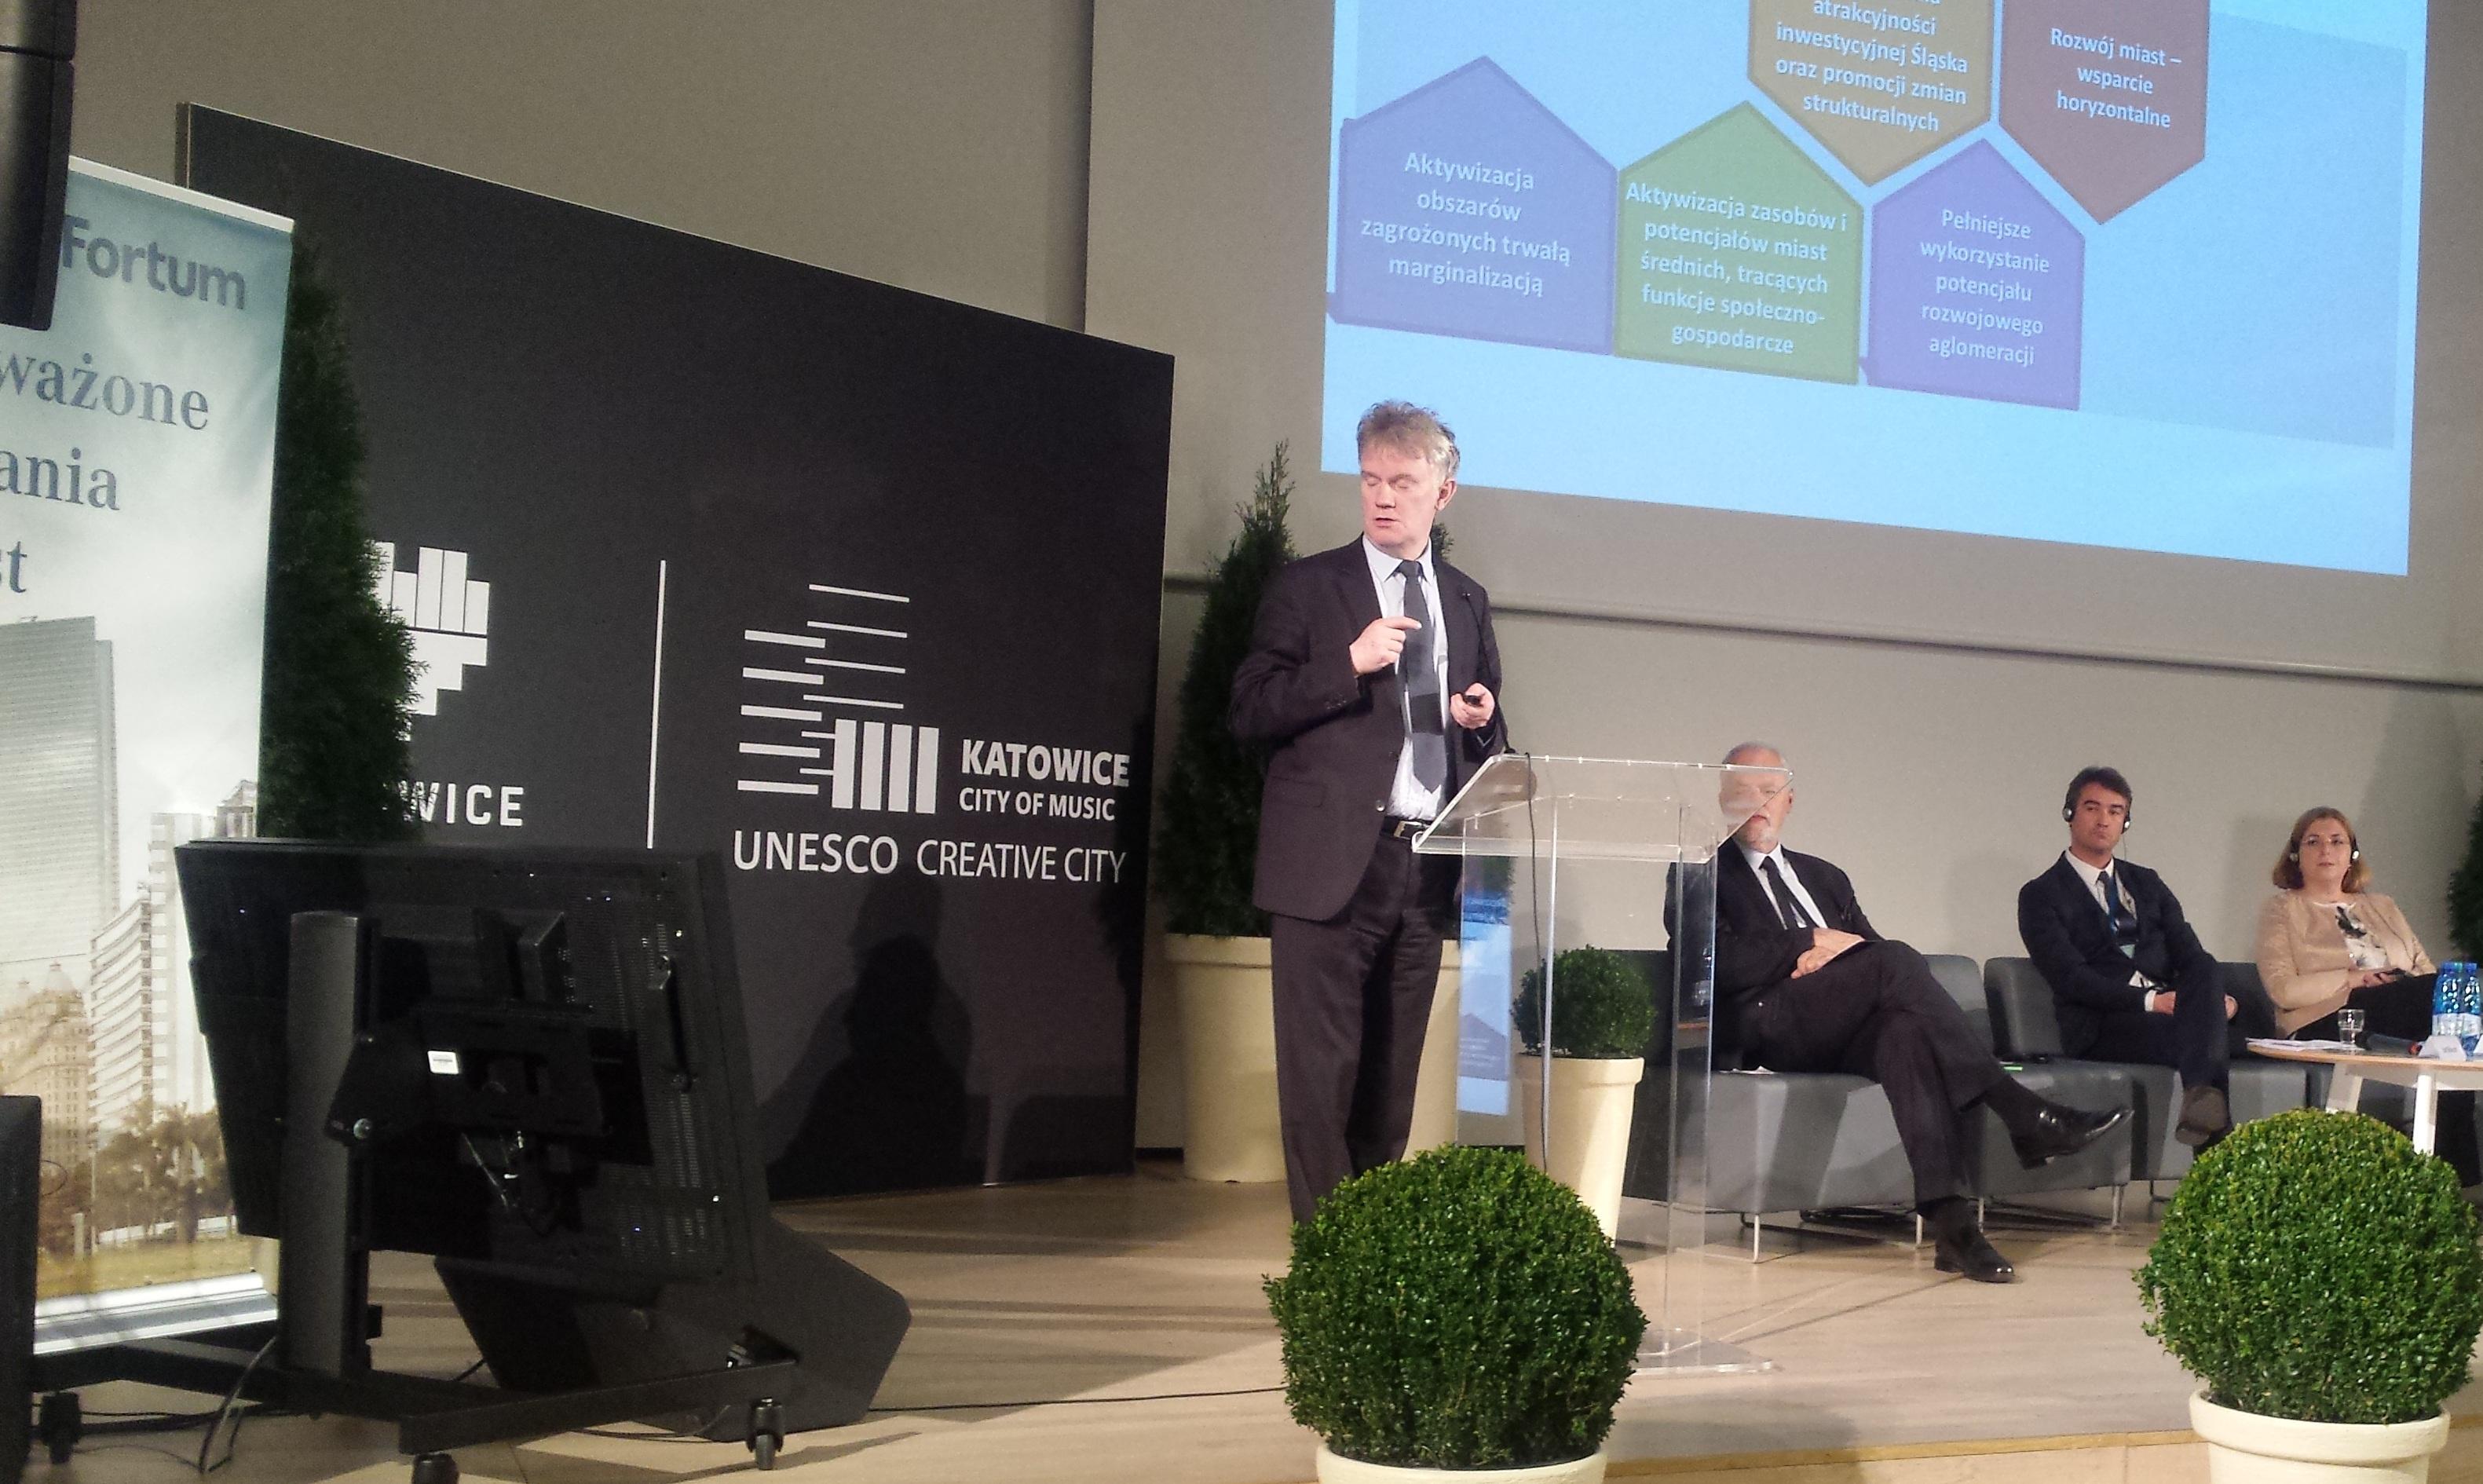 Przedstawiając podstawowe założenia polityki miejskiej Piotr Żuber zaakcentował silny udział samorządów m.in. w kwestii pozyskiwania środków. (fot. MN)